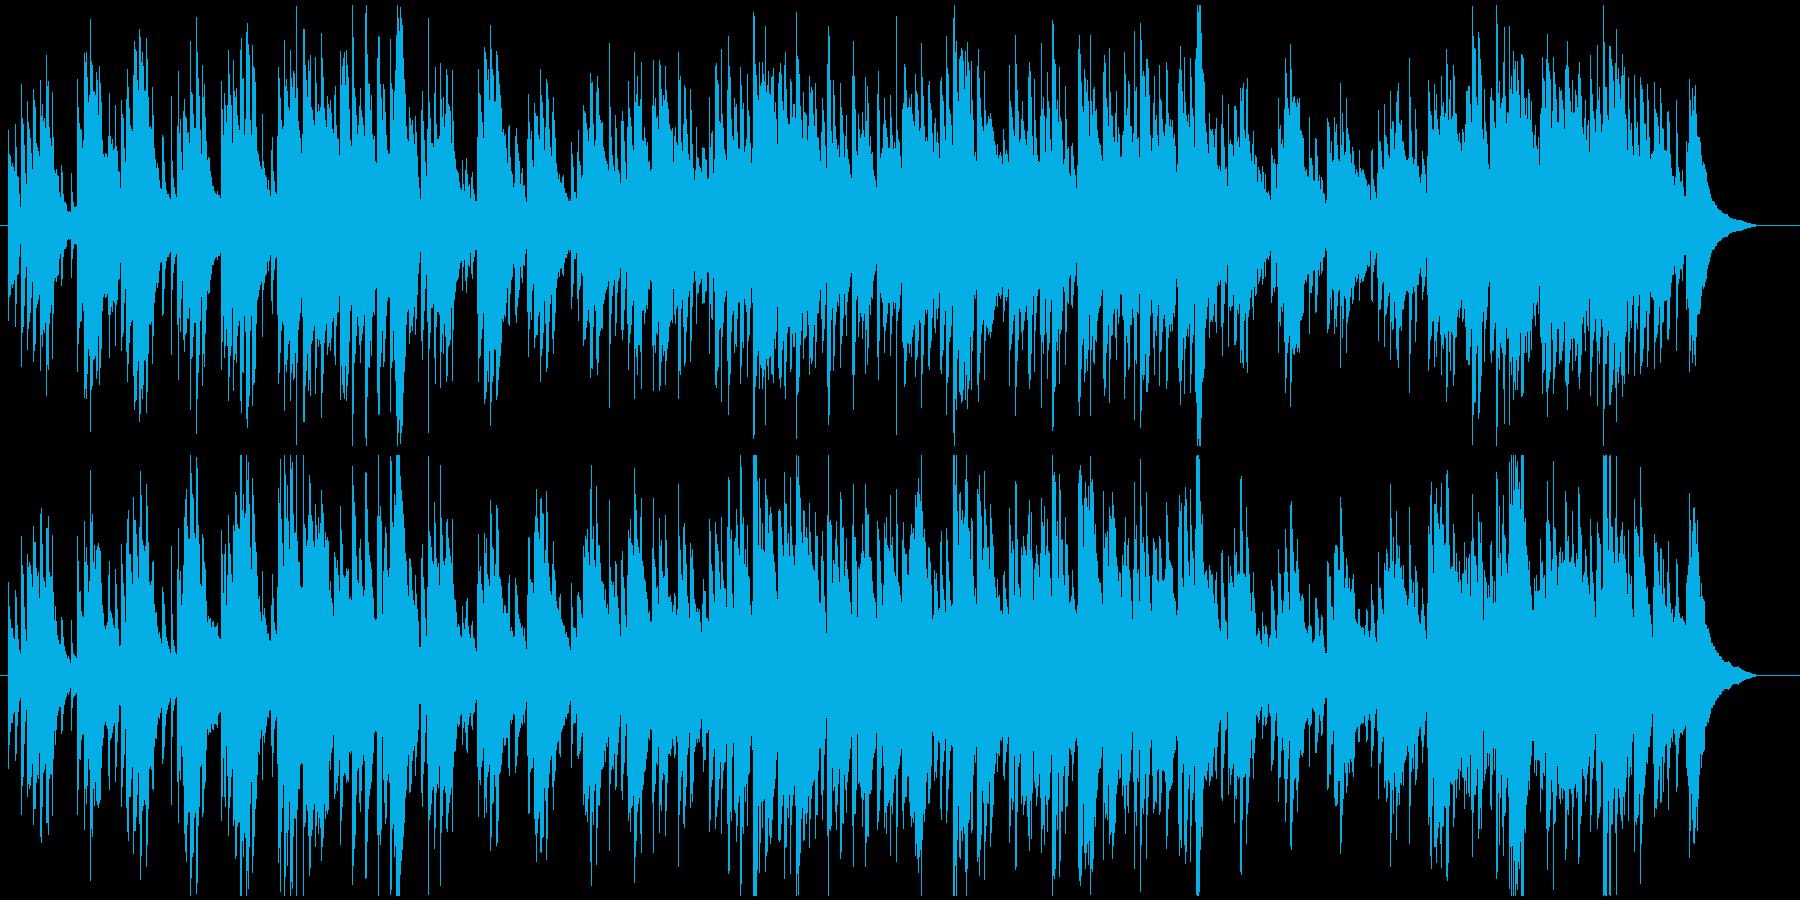 アコースティックギターメインの優しい曲の再生済みの波形